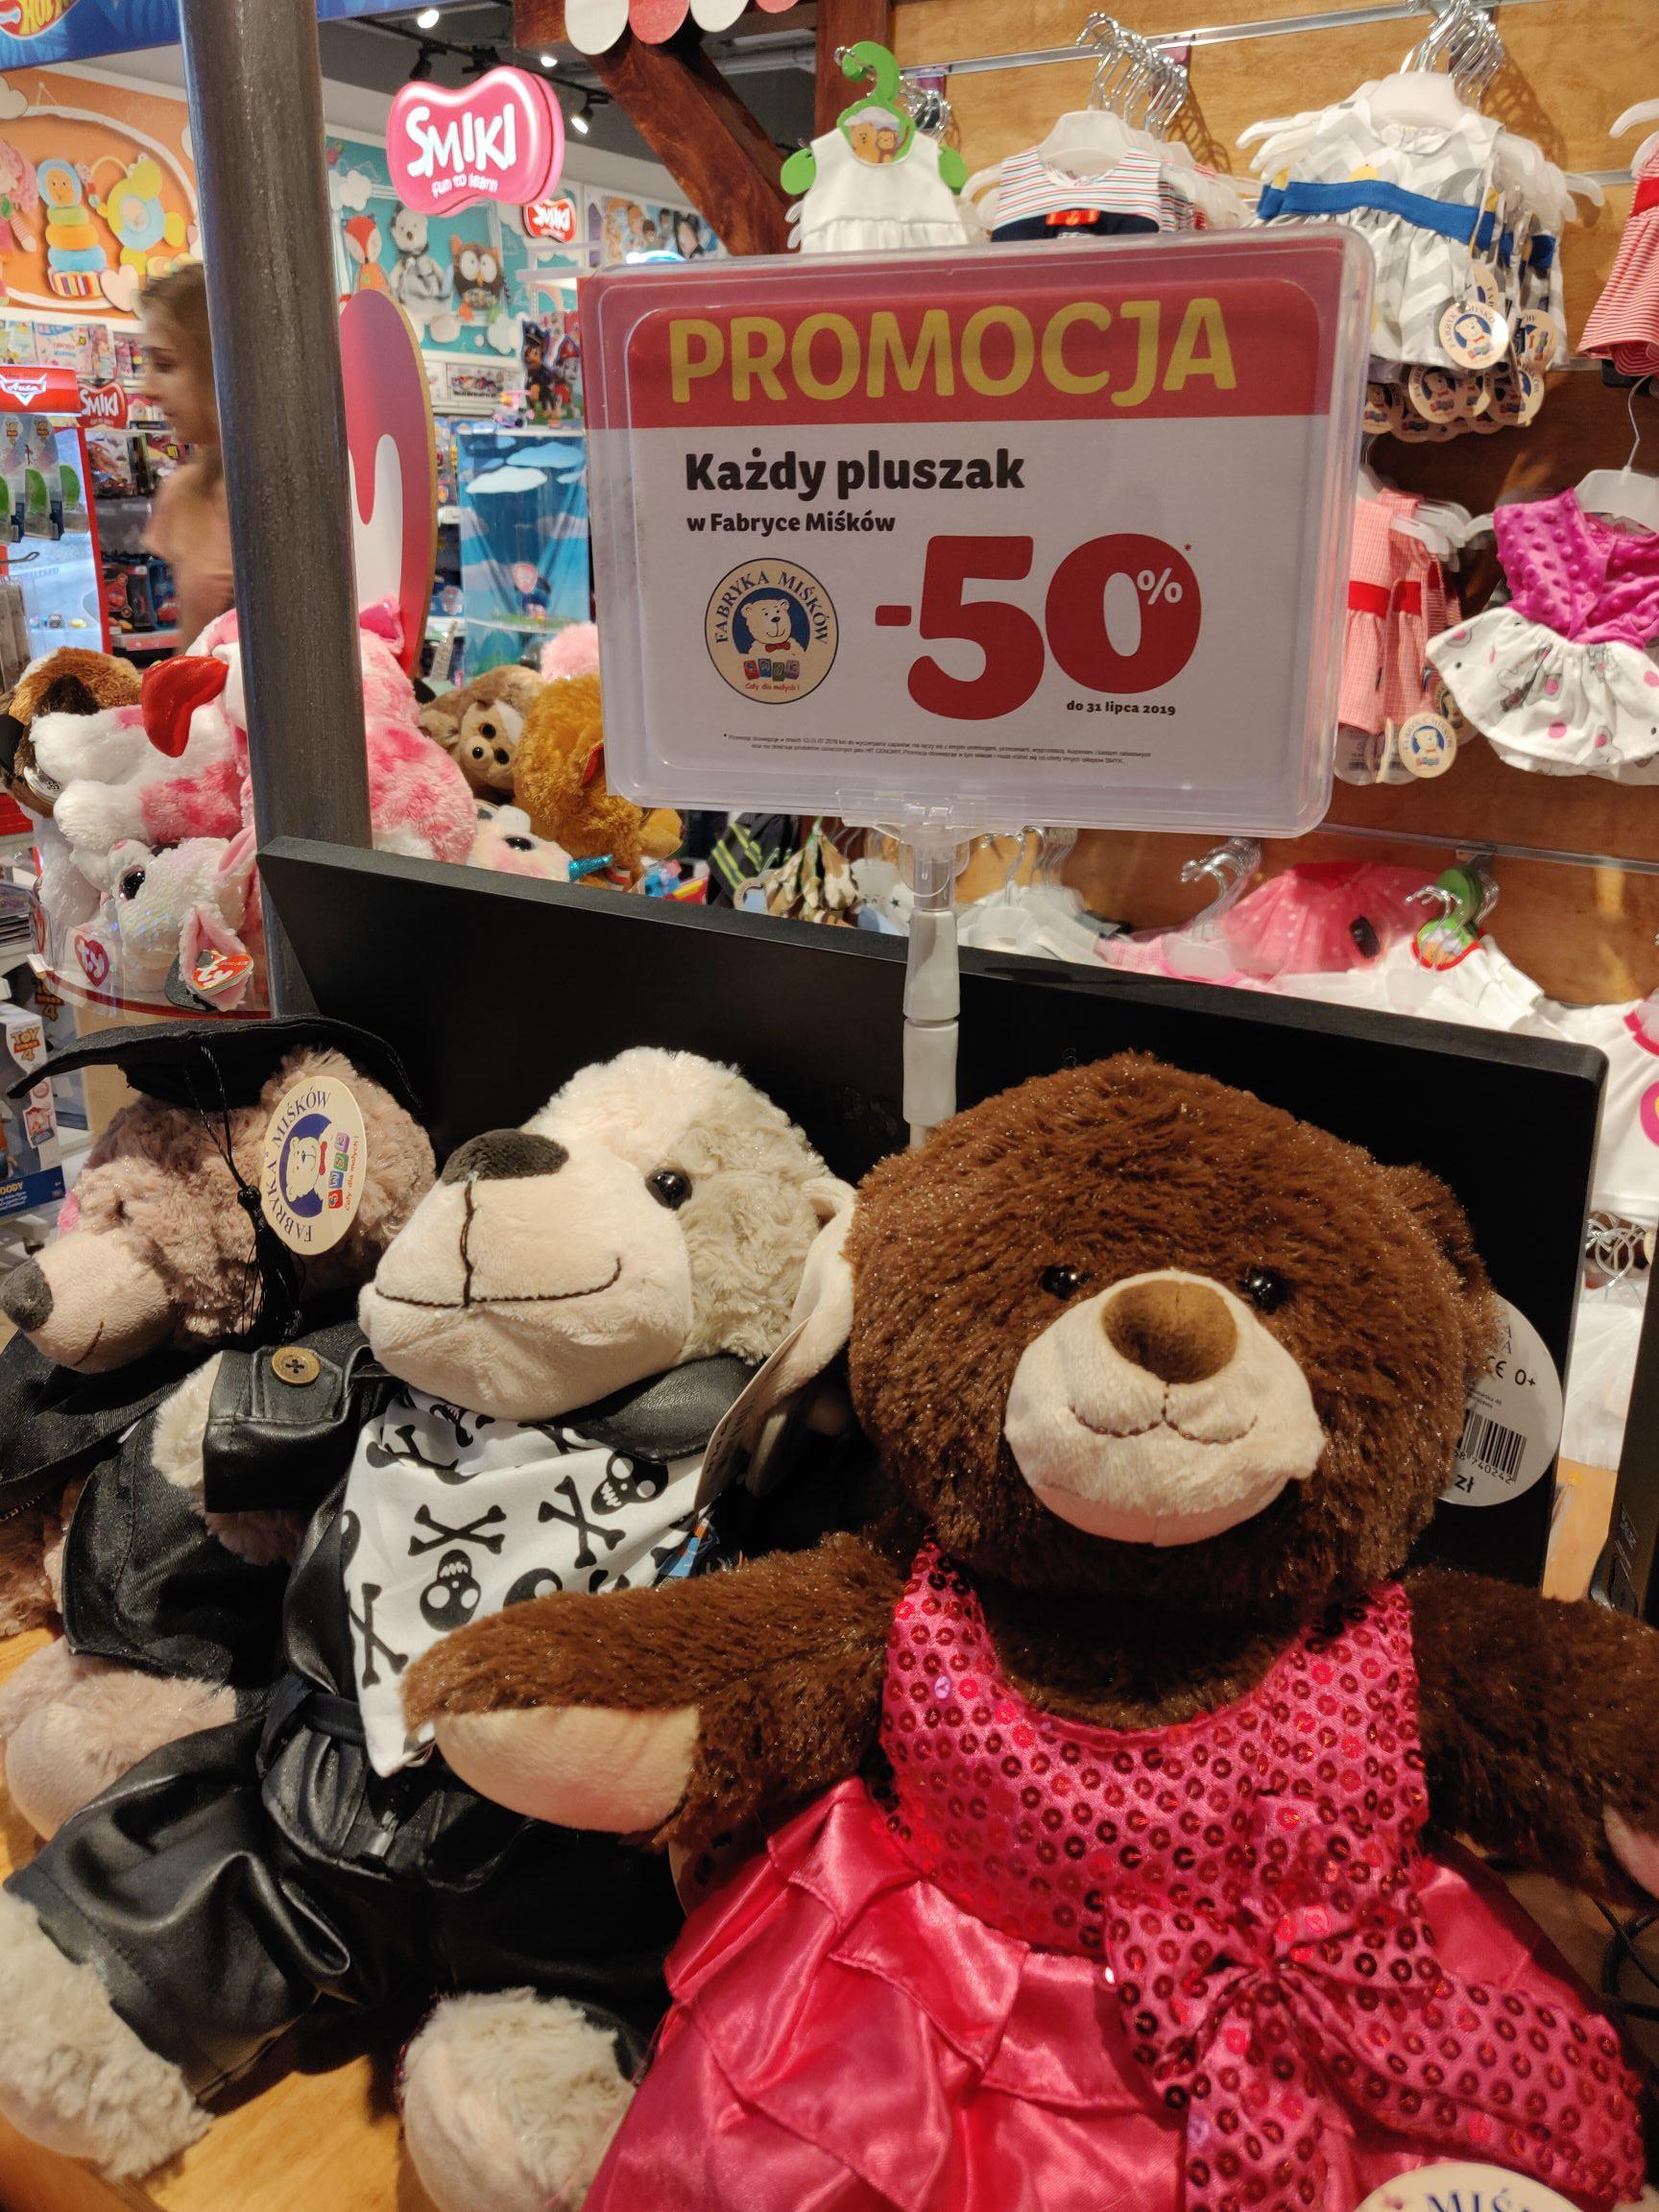 Pluszowe misie za pół ceny (14,99zł) w wybranych sklepach Smyk